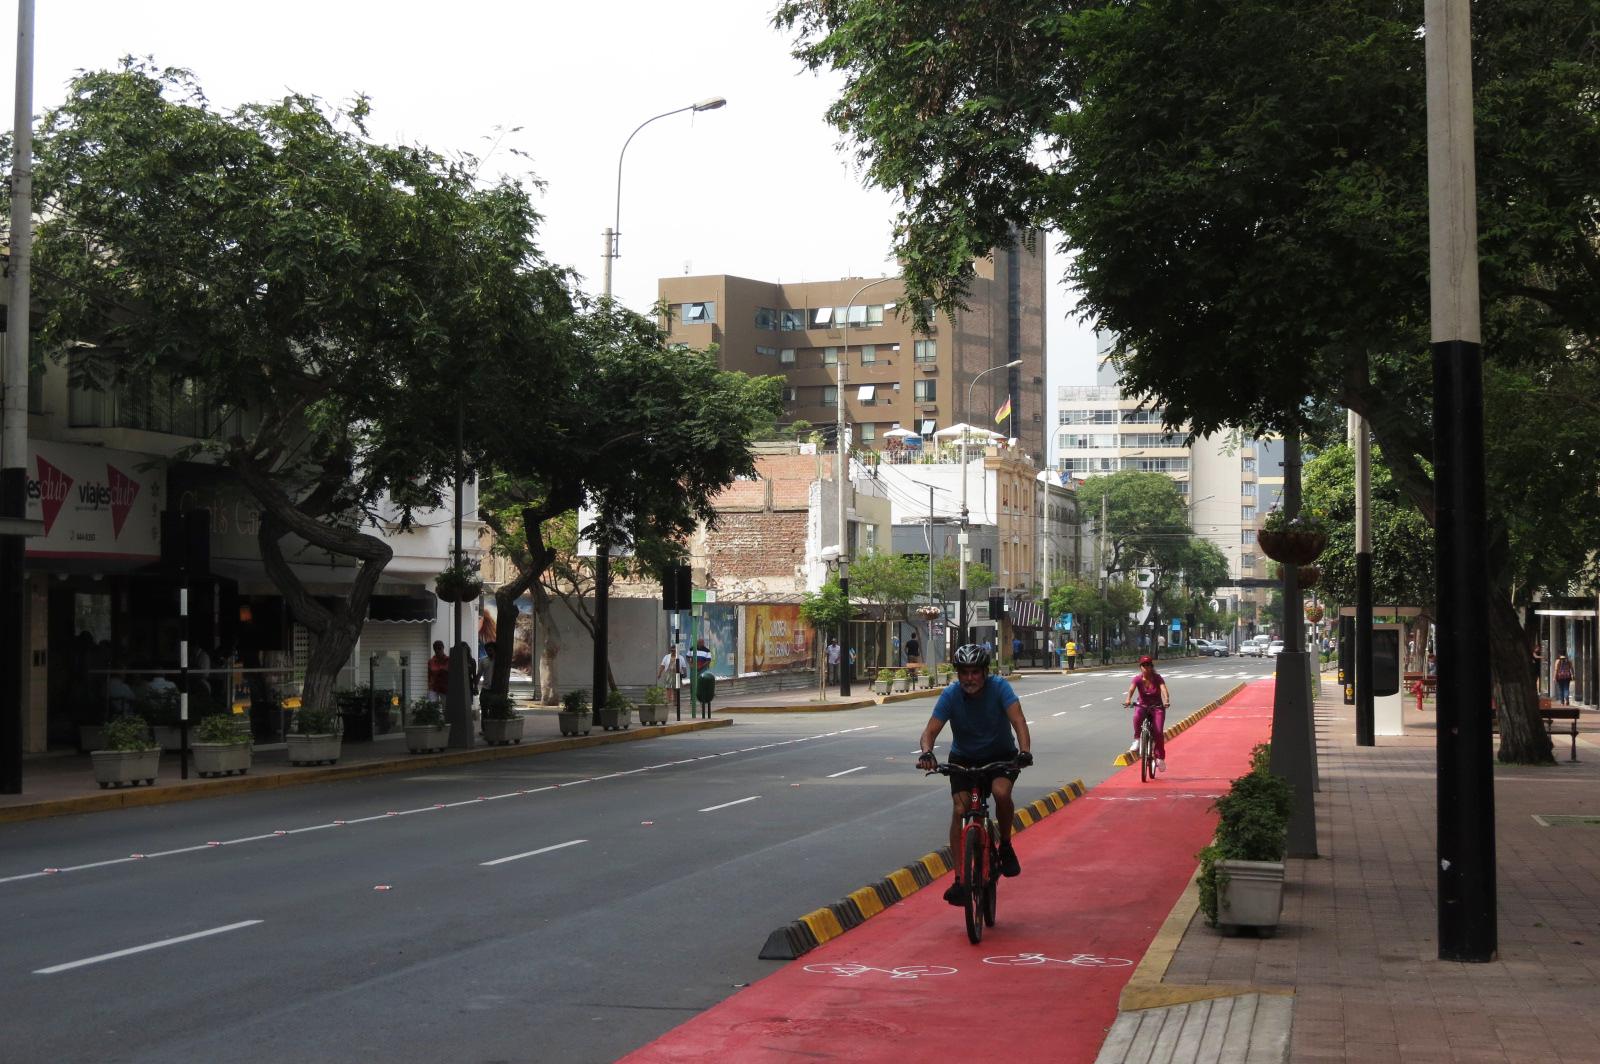 ciclovía en la avenida jose larco distrito de miraflores